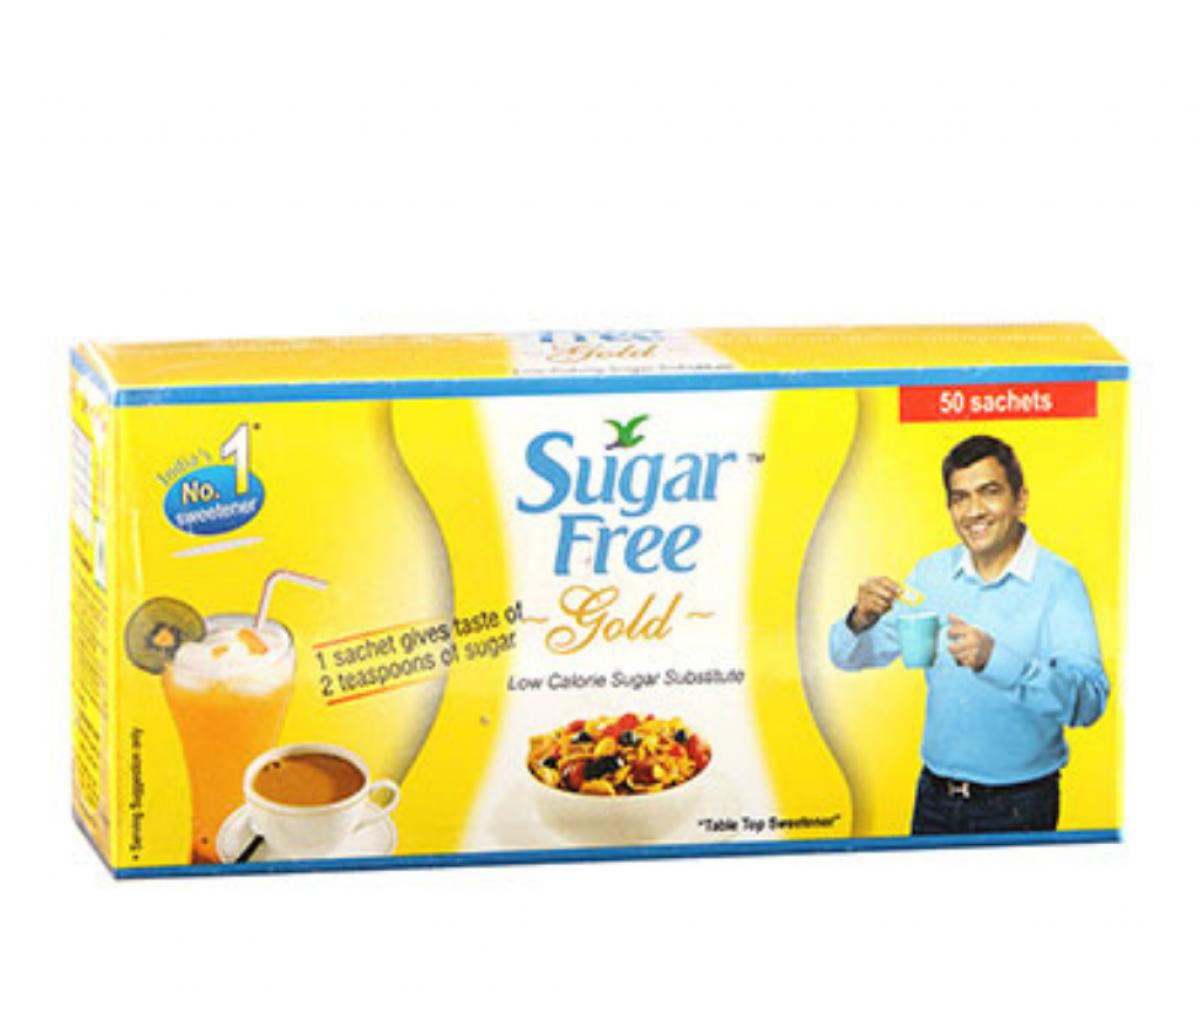 Sugarfree Gold Sweetener Sachets 50g